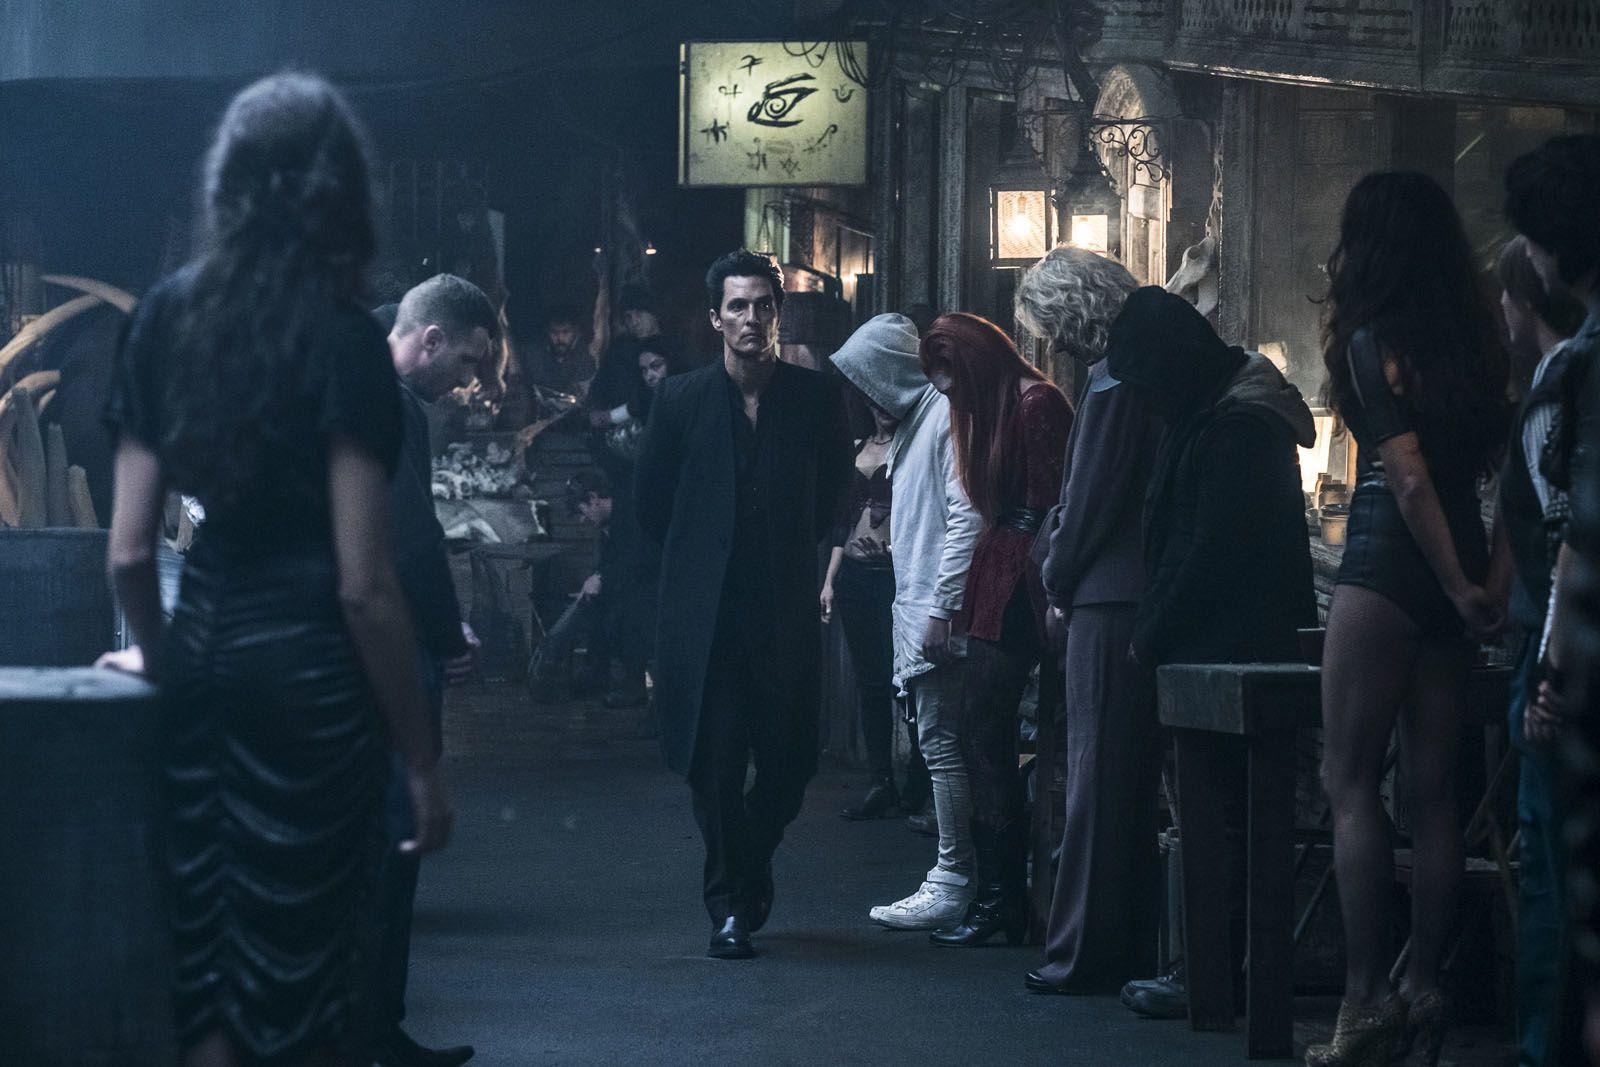 La tour sombre (BANDE ANNONCE) avec Idris Elba, Matthew McConaughey - Le 16 août 2017 au cinéma  (The dark tower)